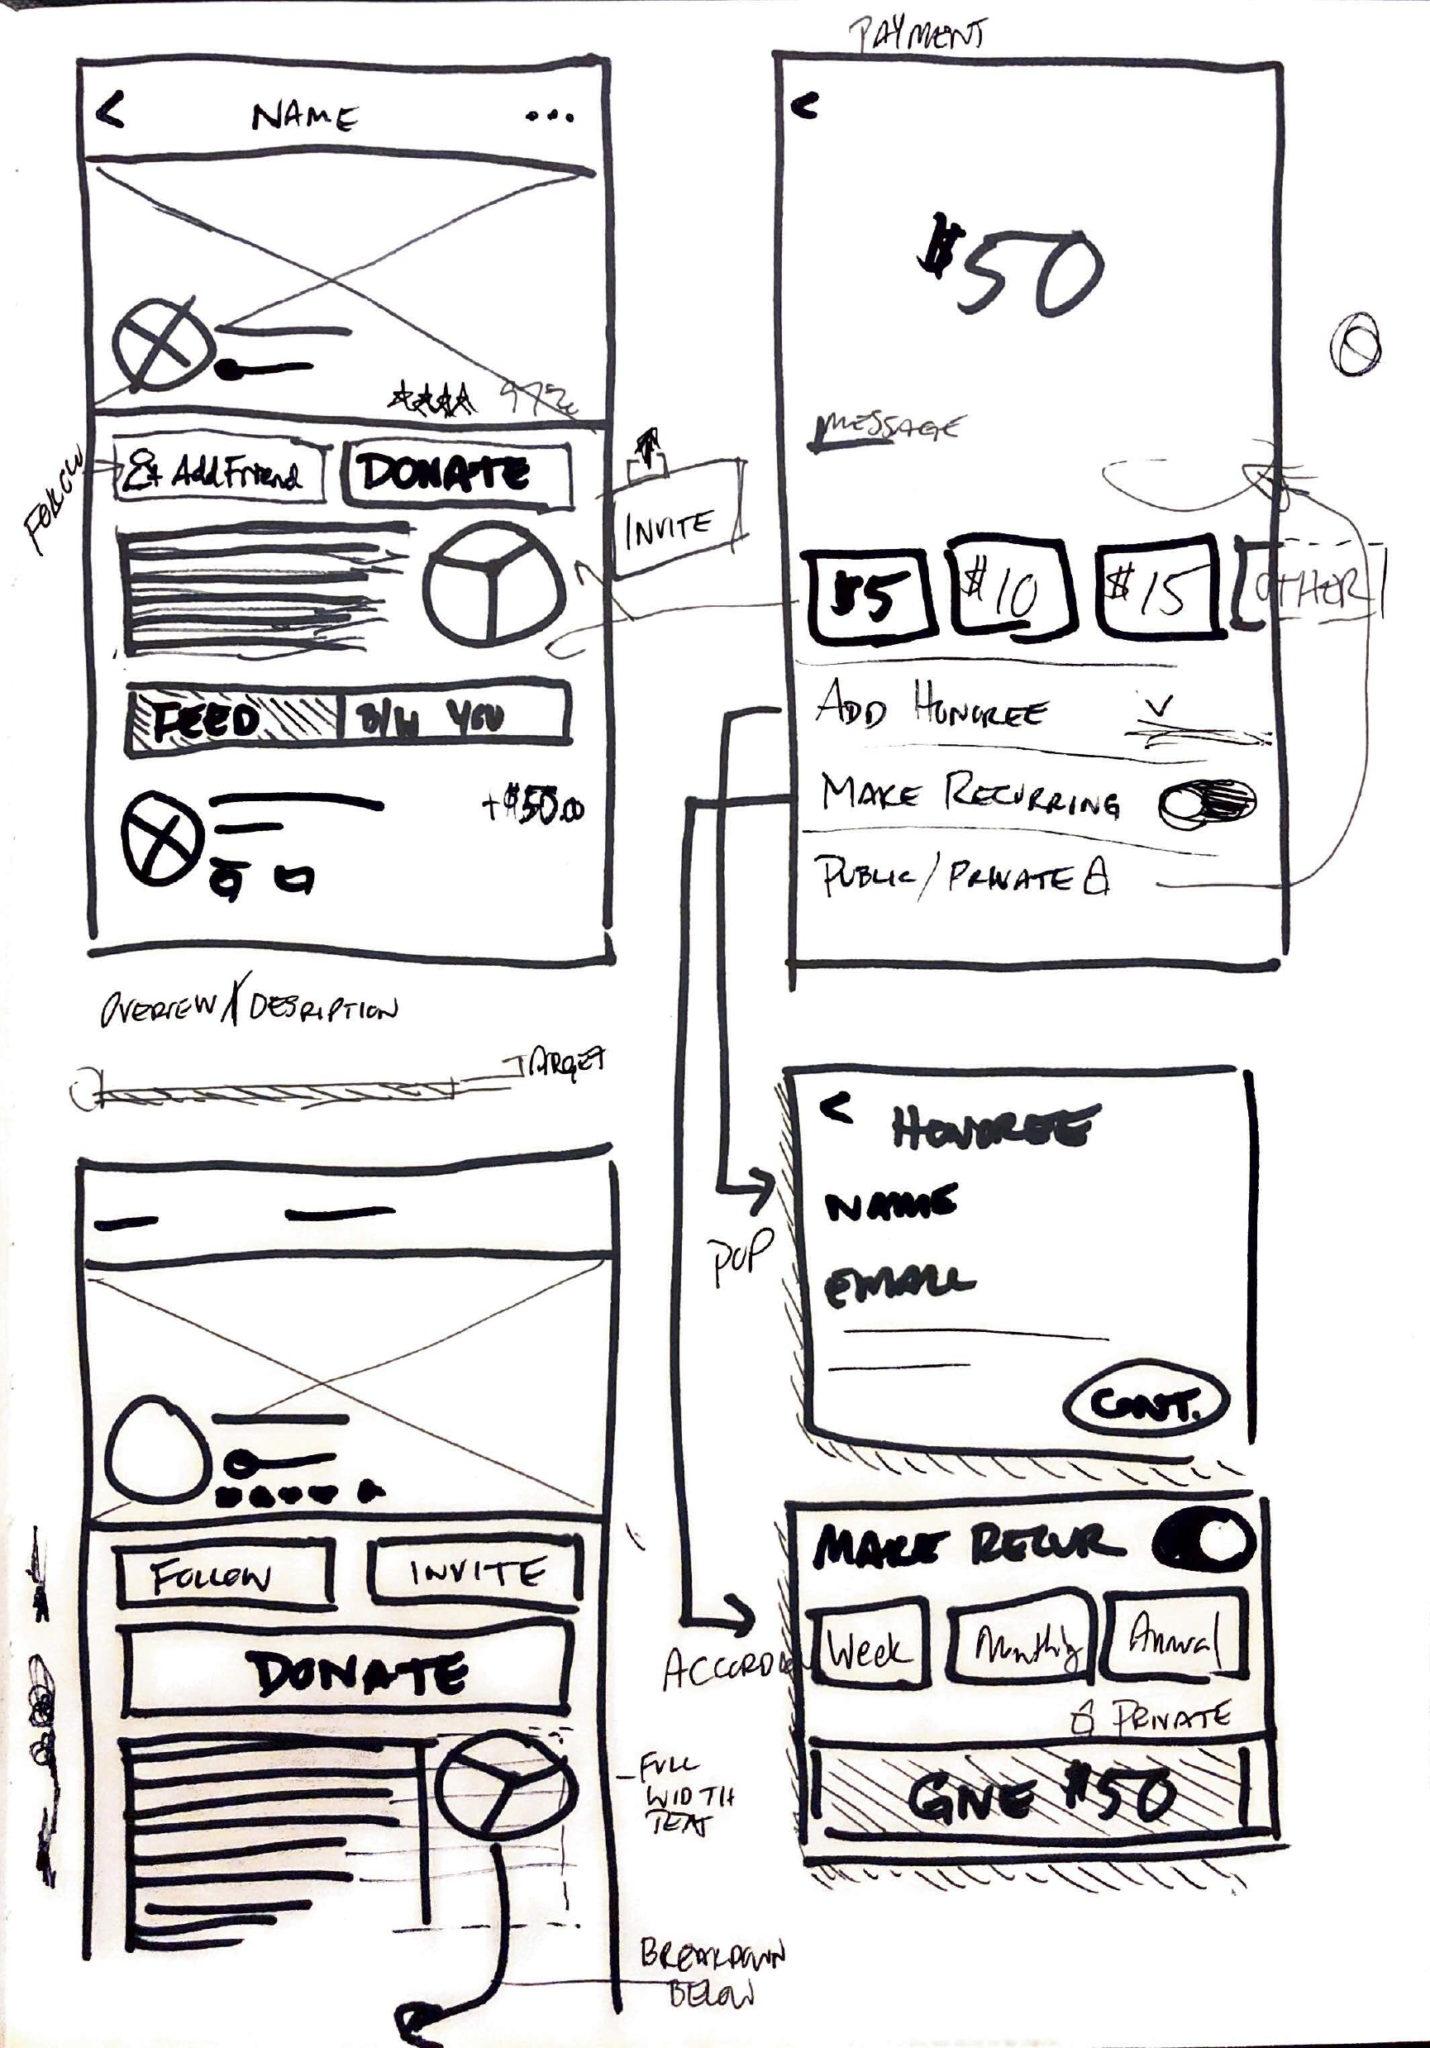 venmo sketch revisions